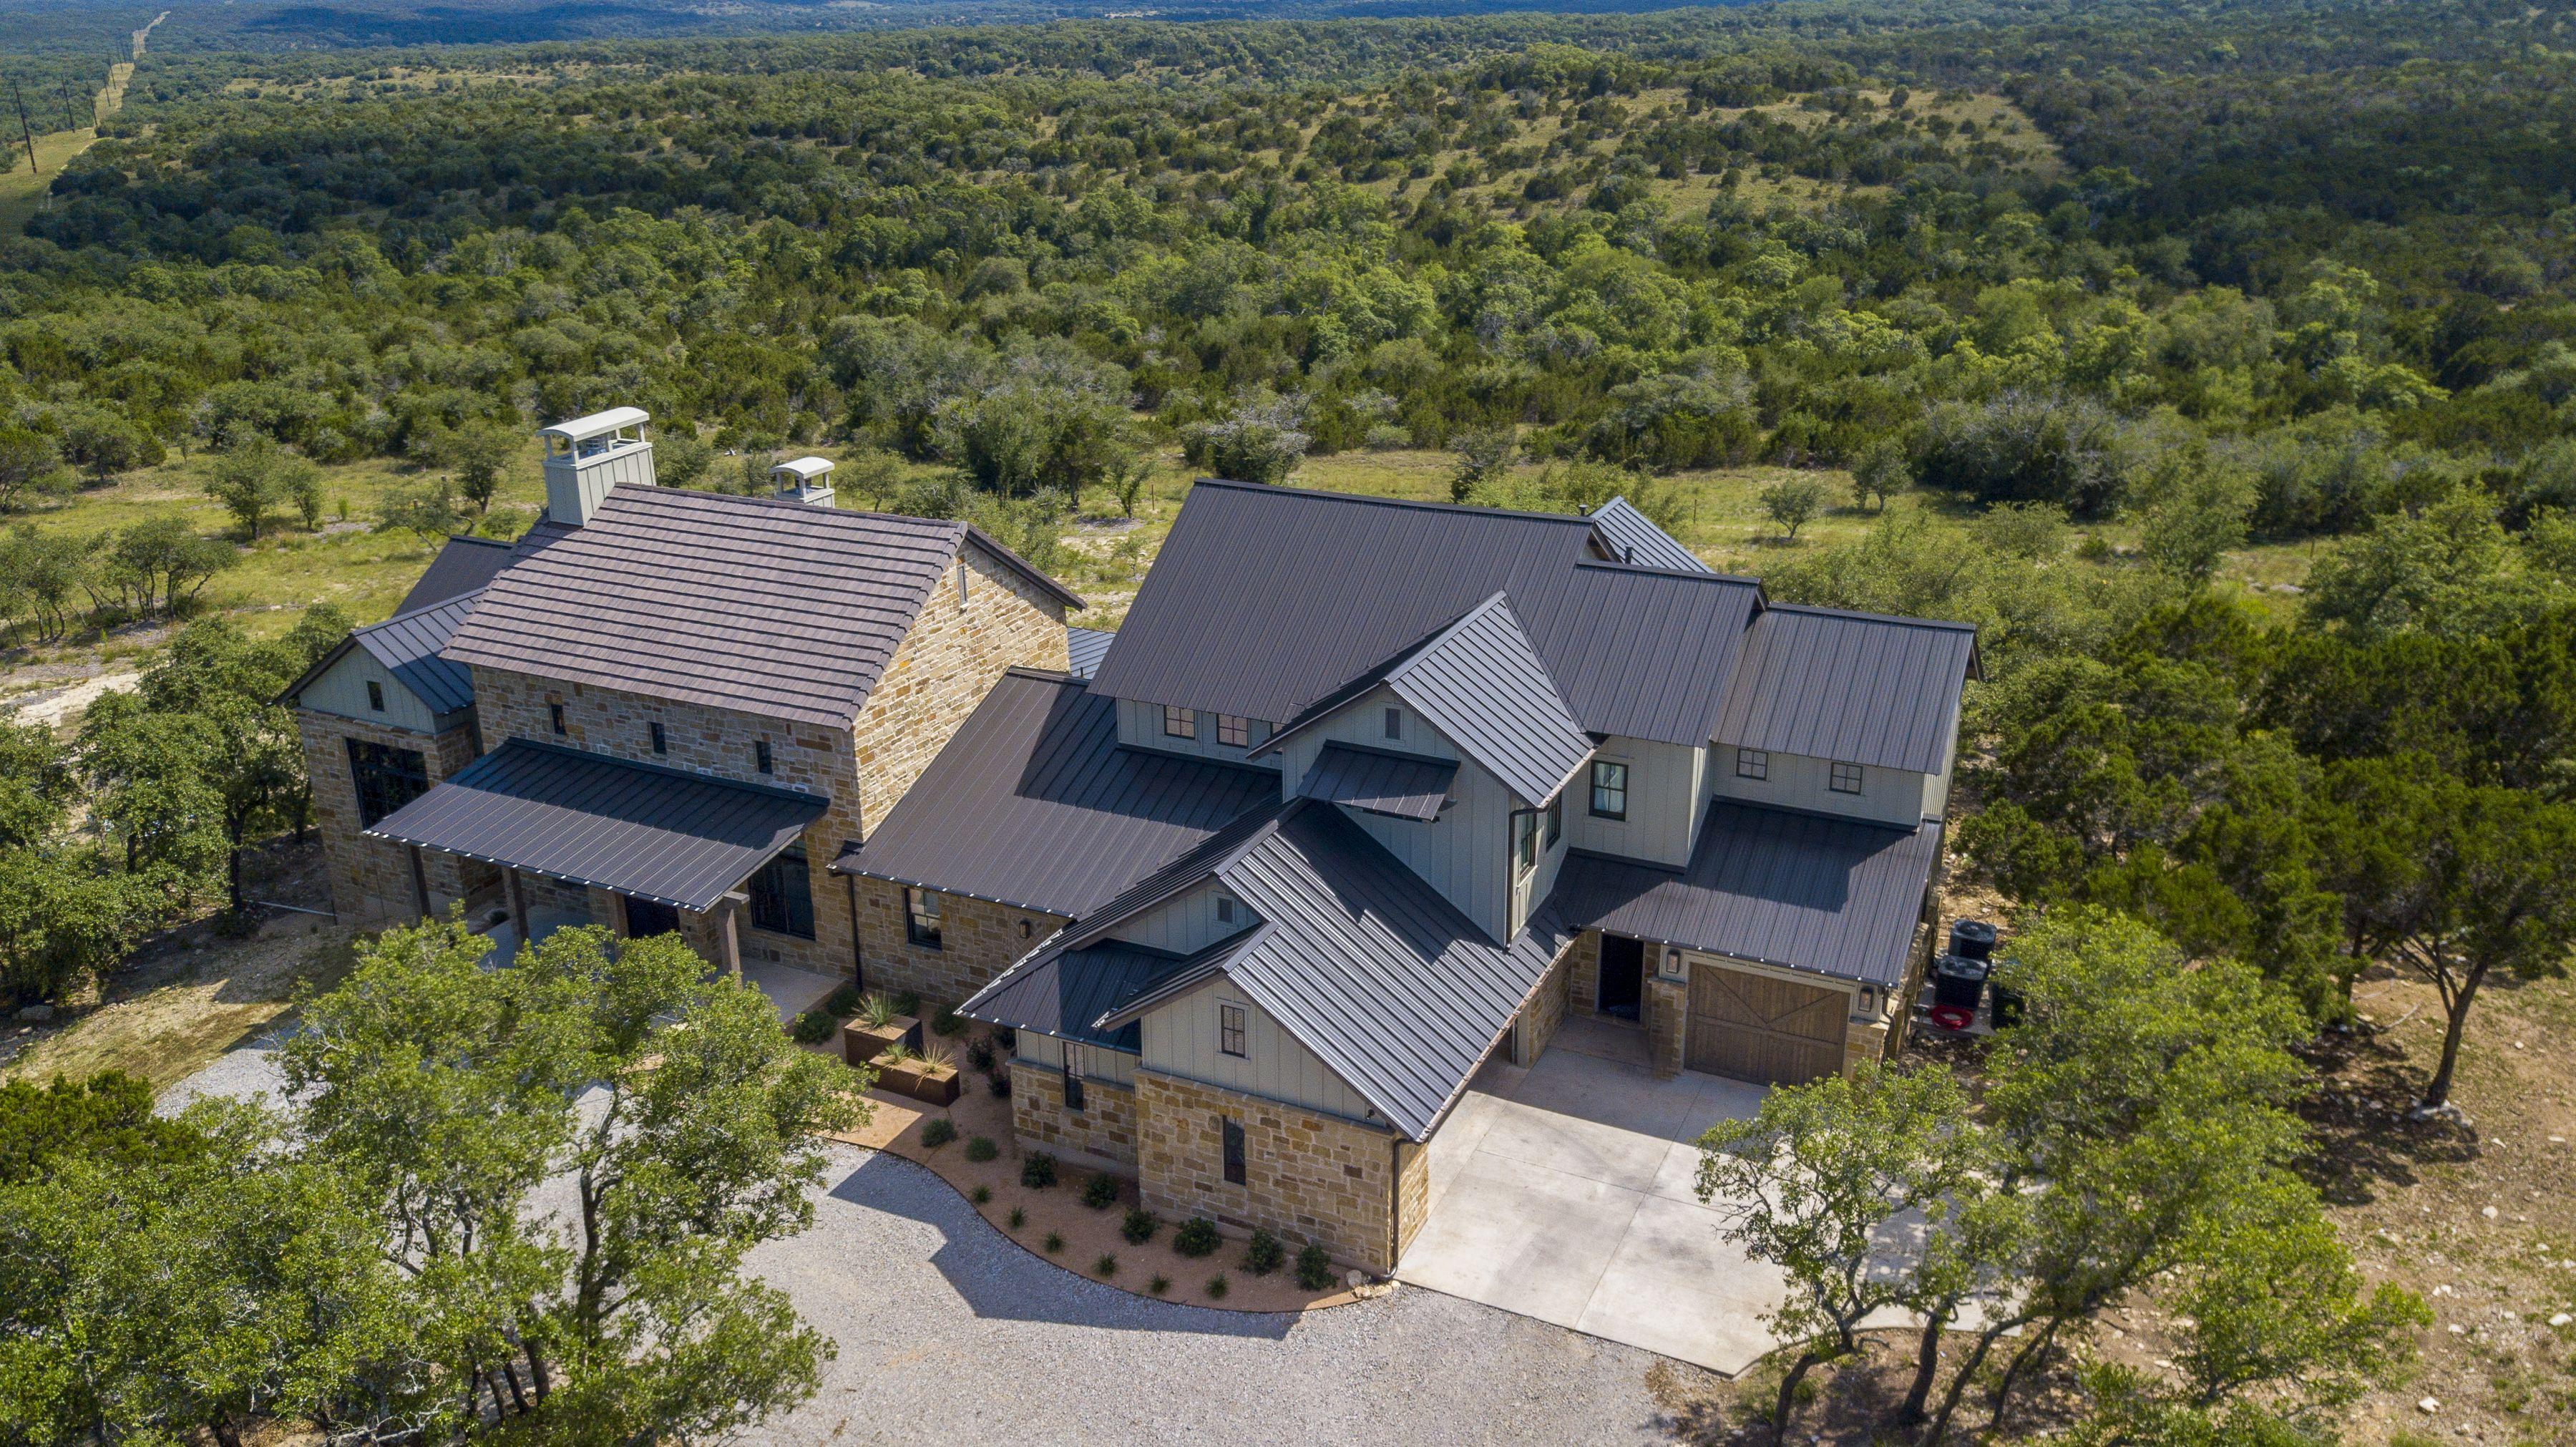 Built by olson defendorf custom homes estate homes